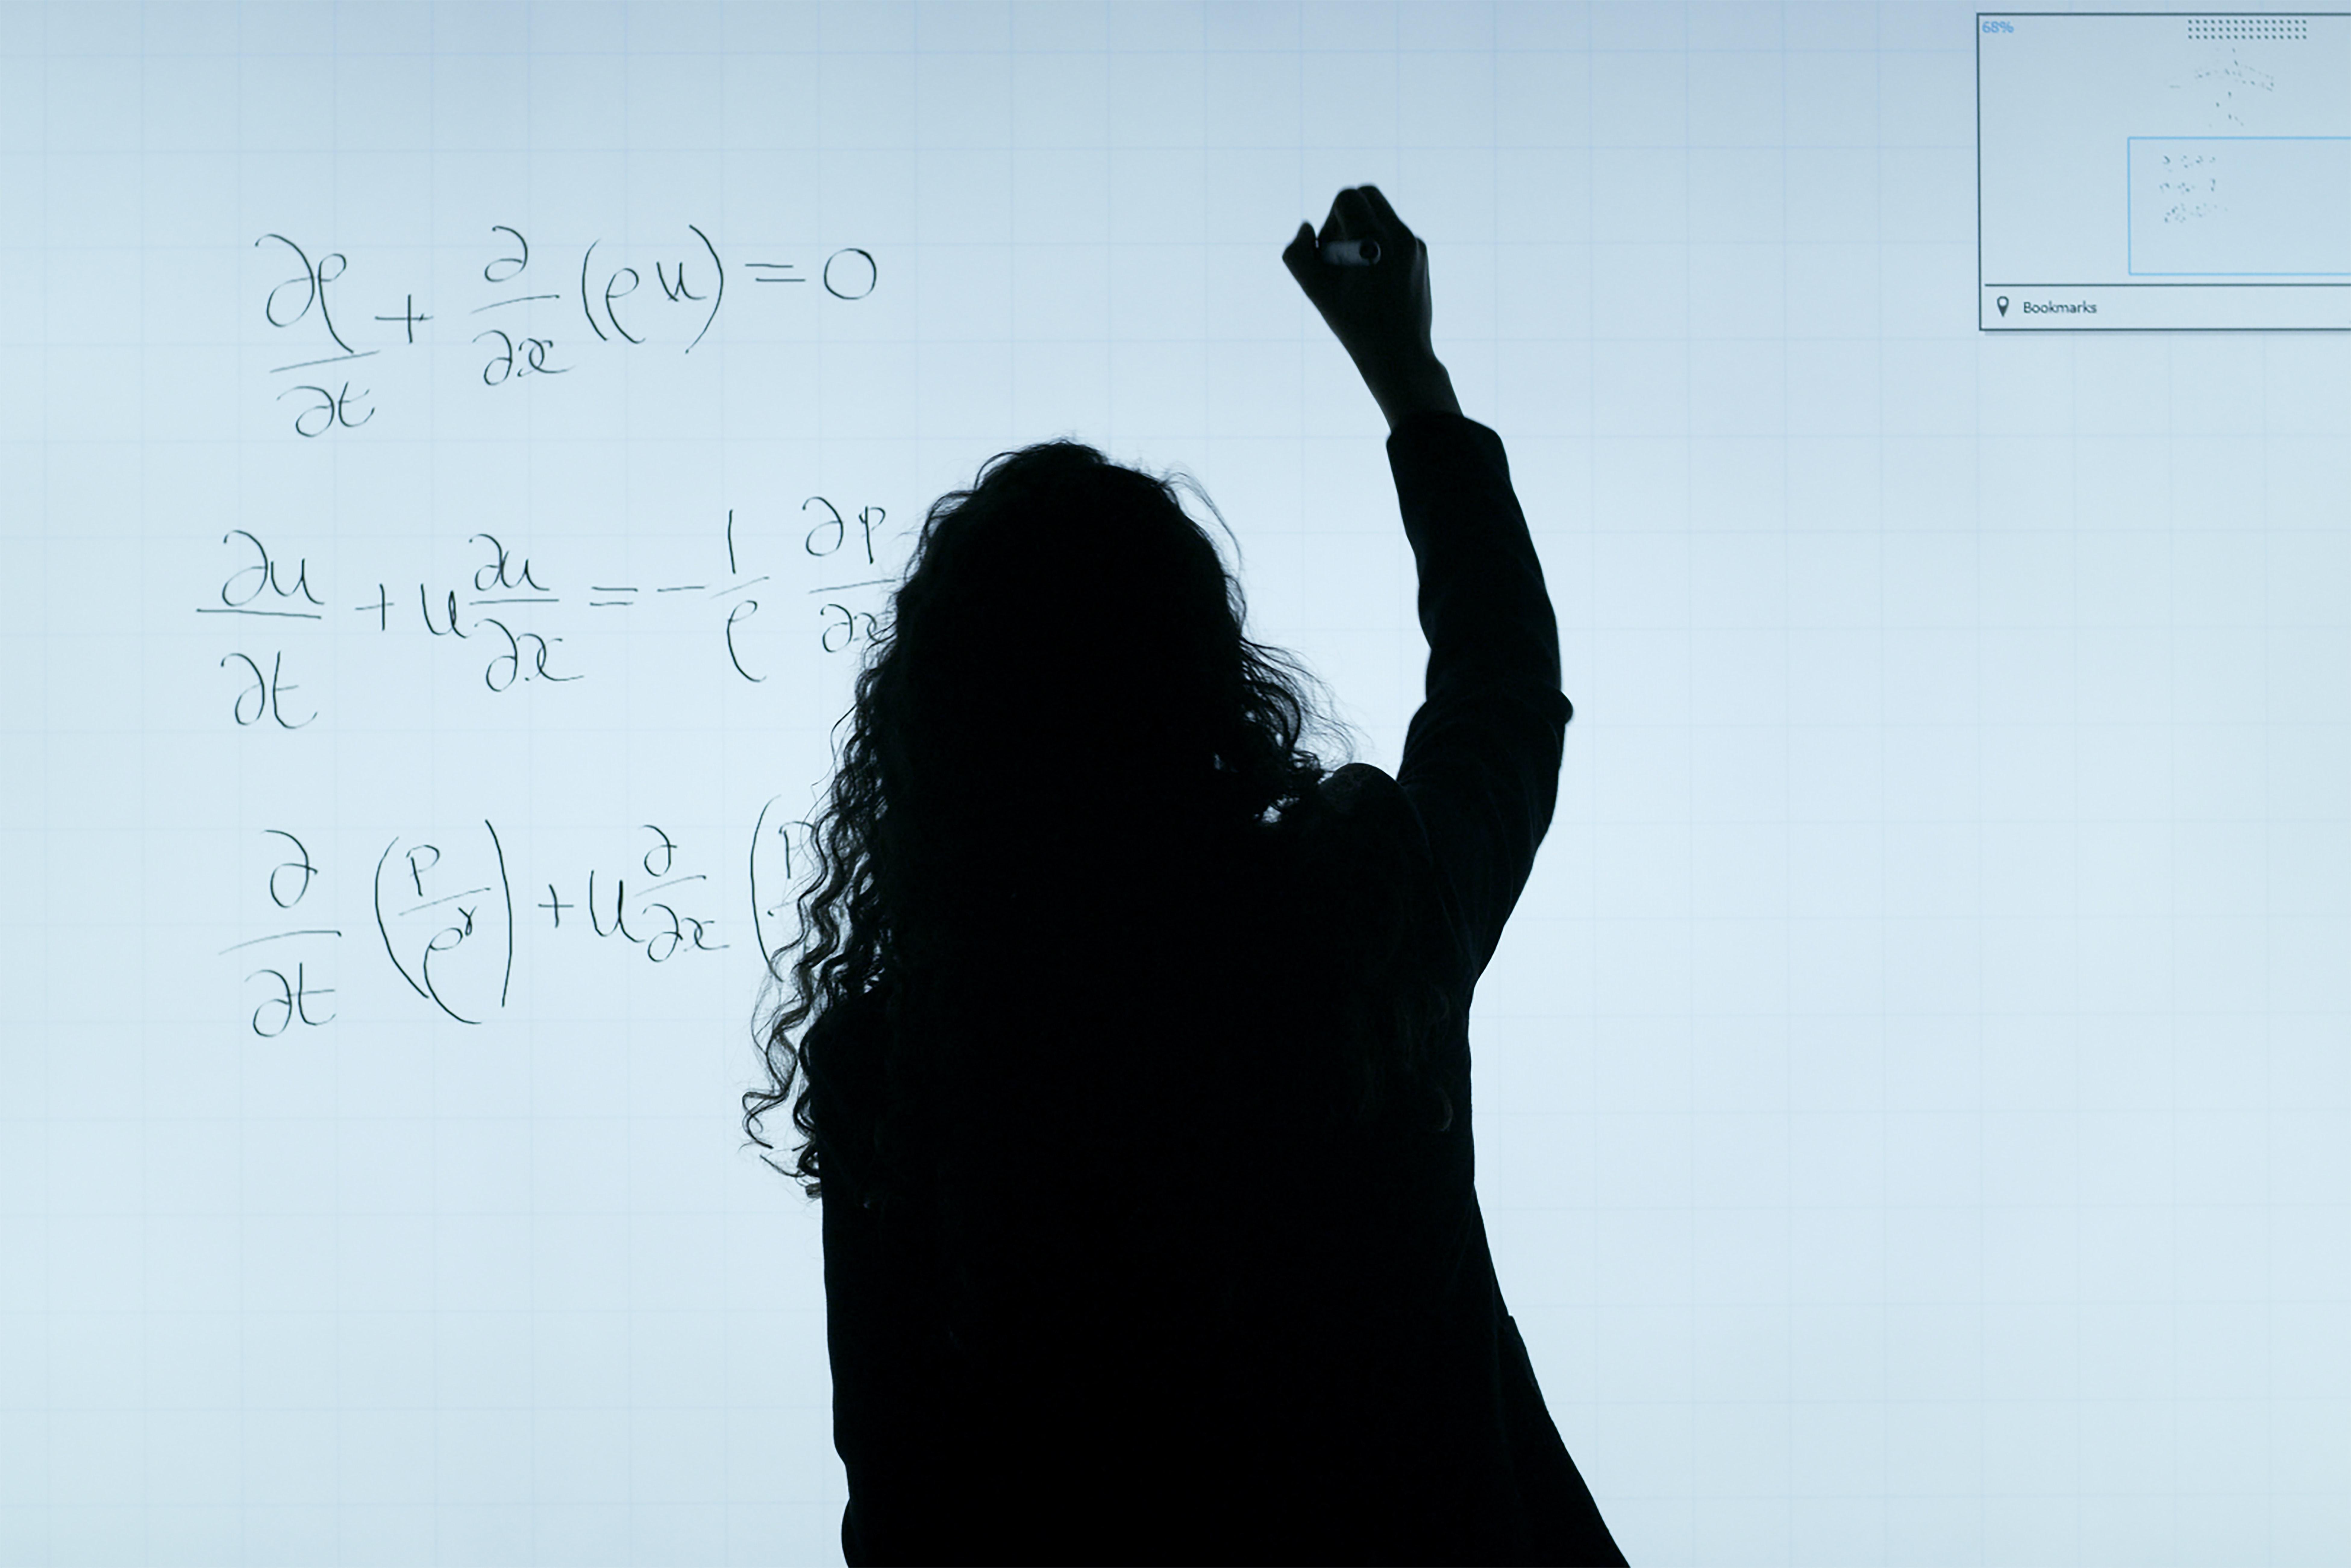 L'égalité s'attache à la norme, l'équité à la singularité…